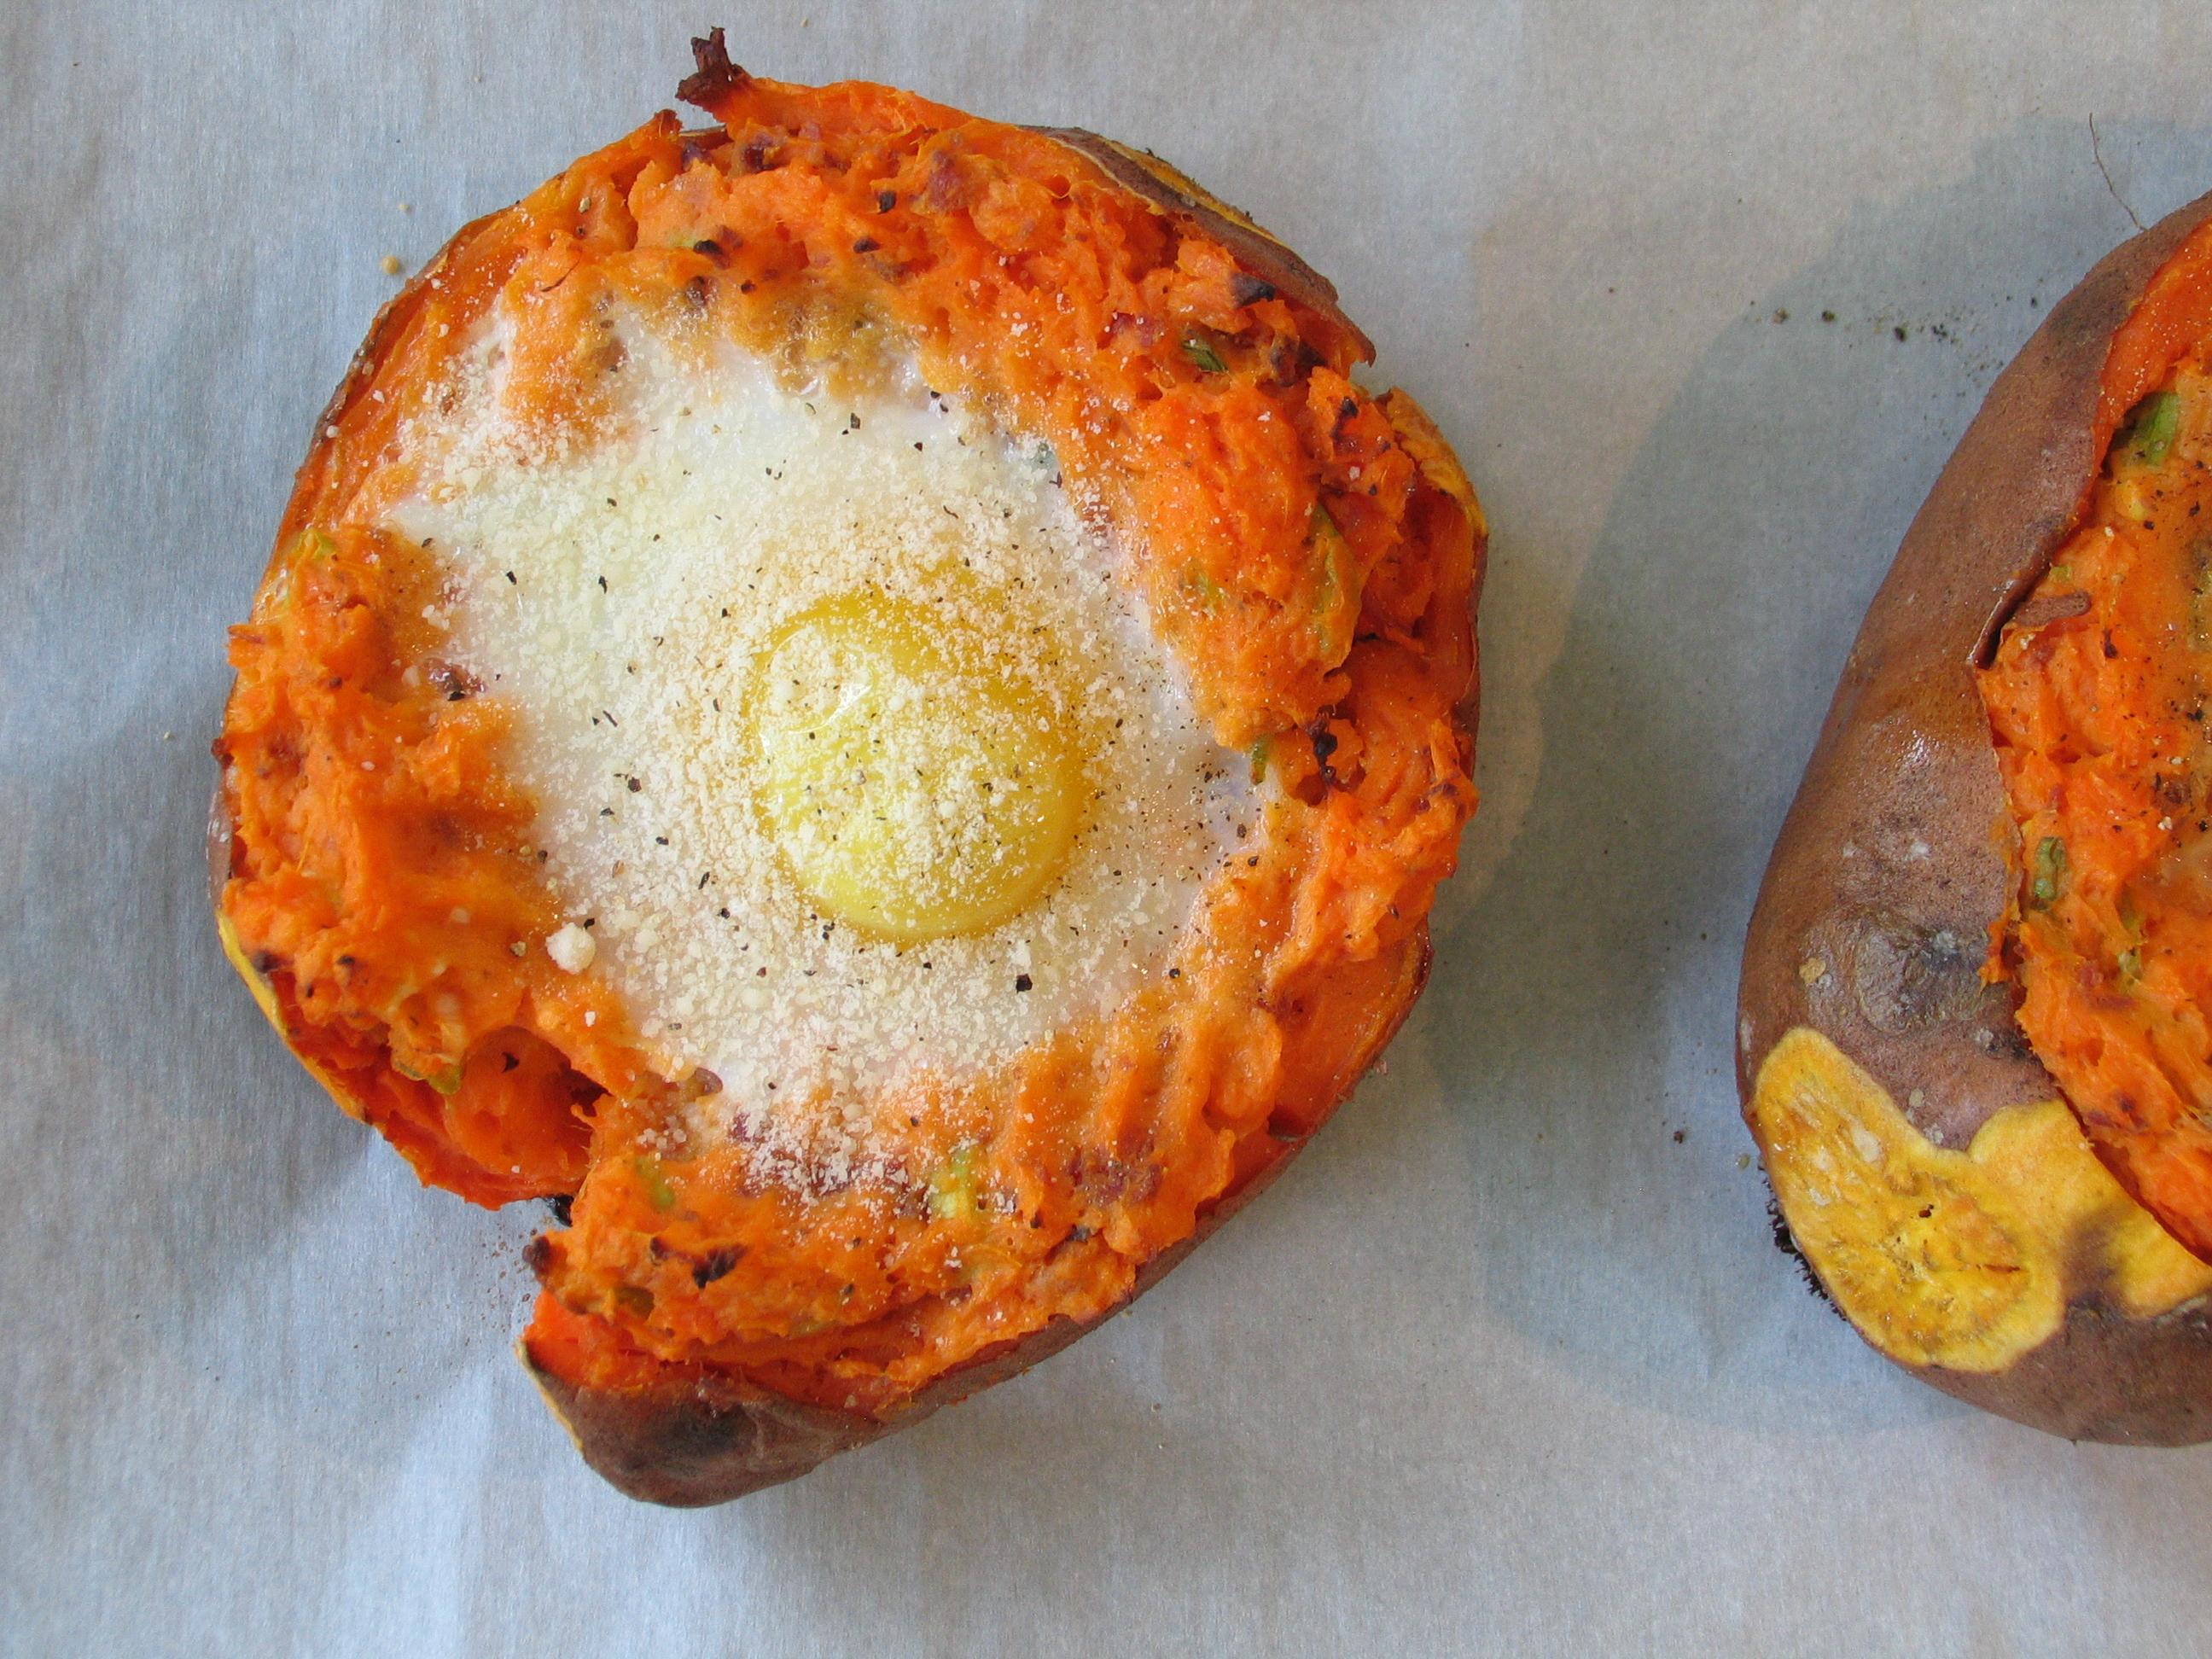 Baked Potatoes & Eggs